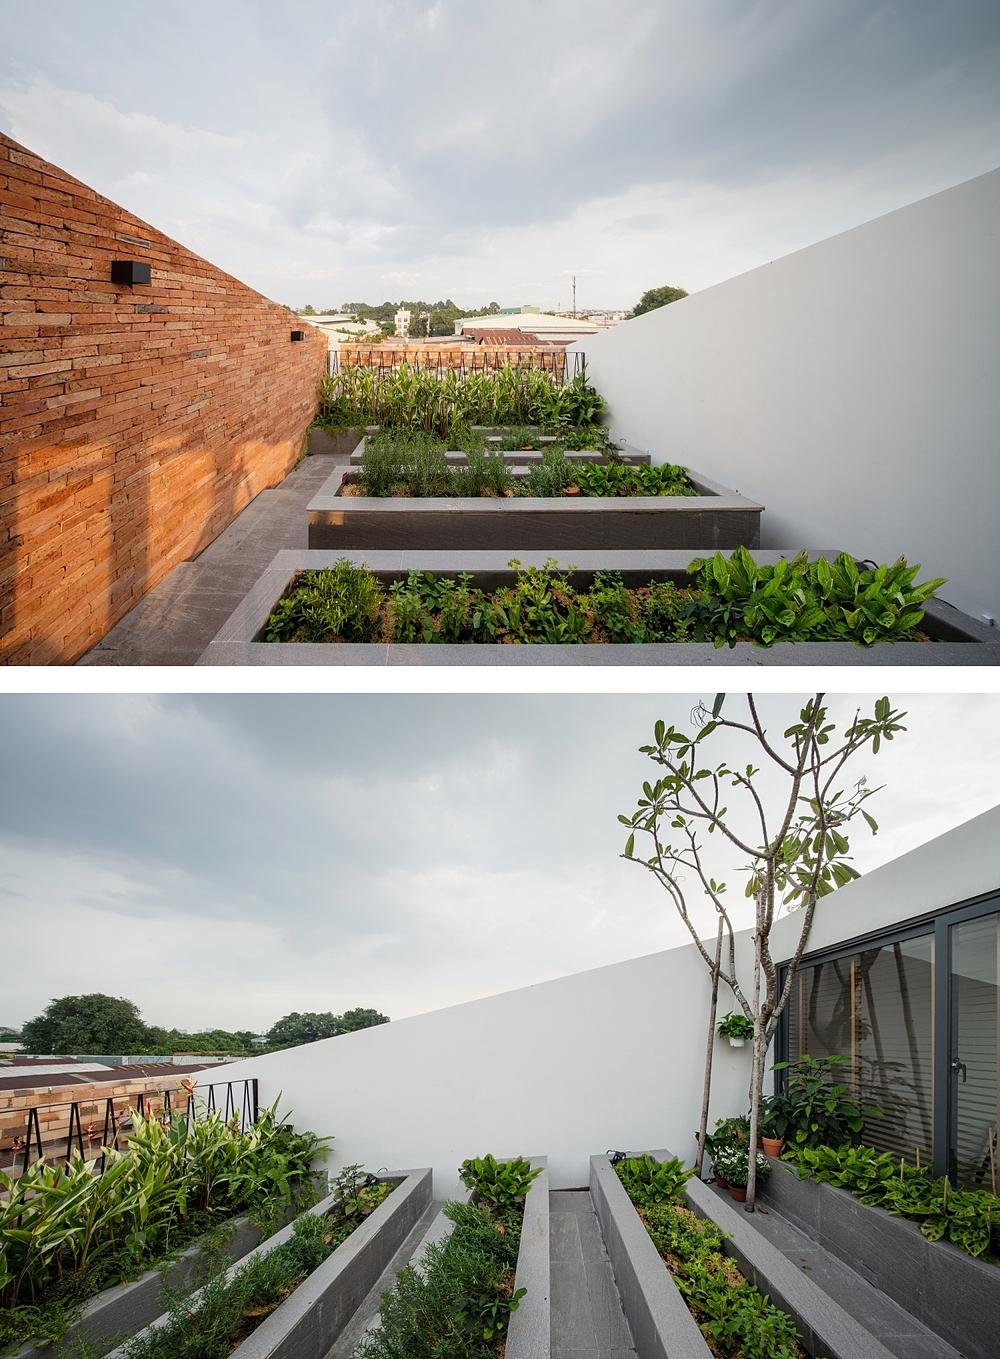 Vườn rau trên mái được thiết kế dốc, giúp công trình mát mẻ và phần bê tông trên mái không bị nứt, thấm. Ảnh: Quang Trần.